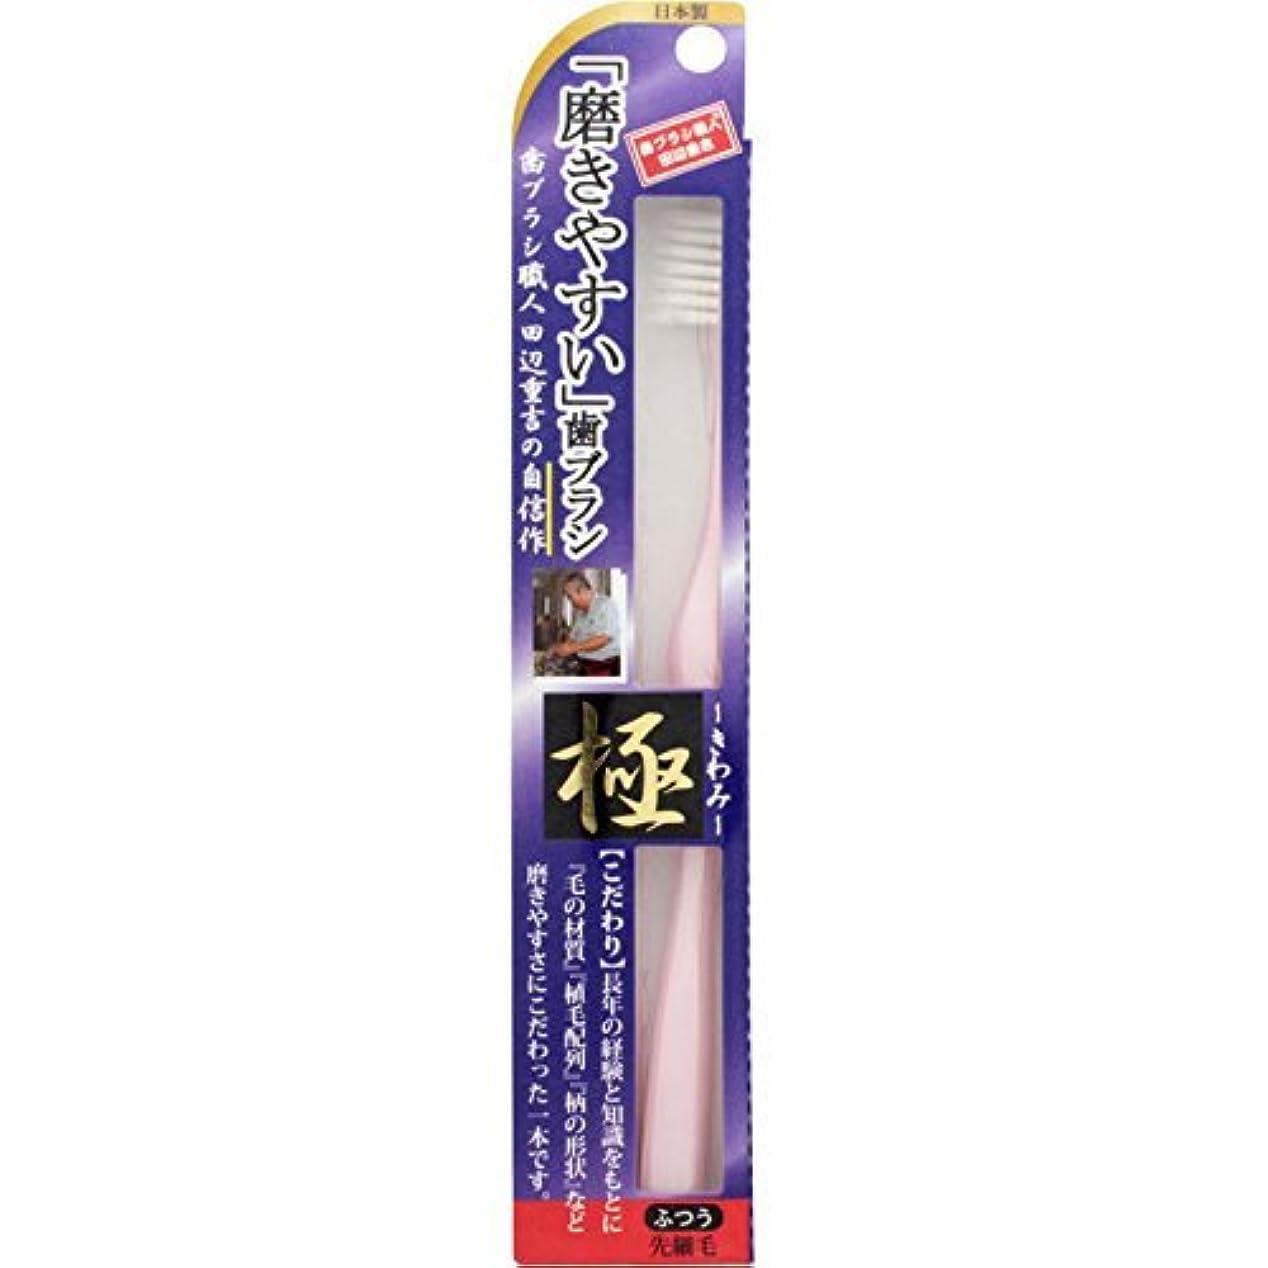 シリング駅転倒【まとめ買い】磨きやすい歯ブラシ 極 LT-22 ×15個